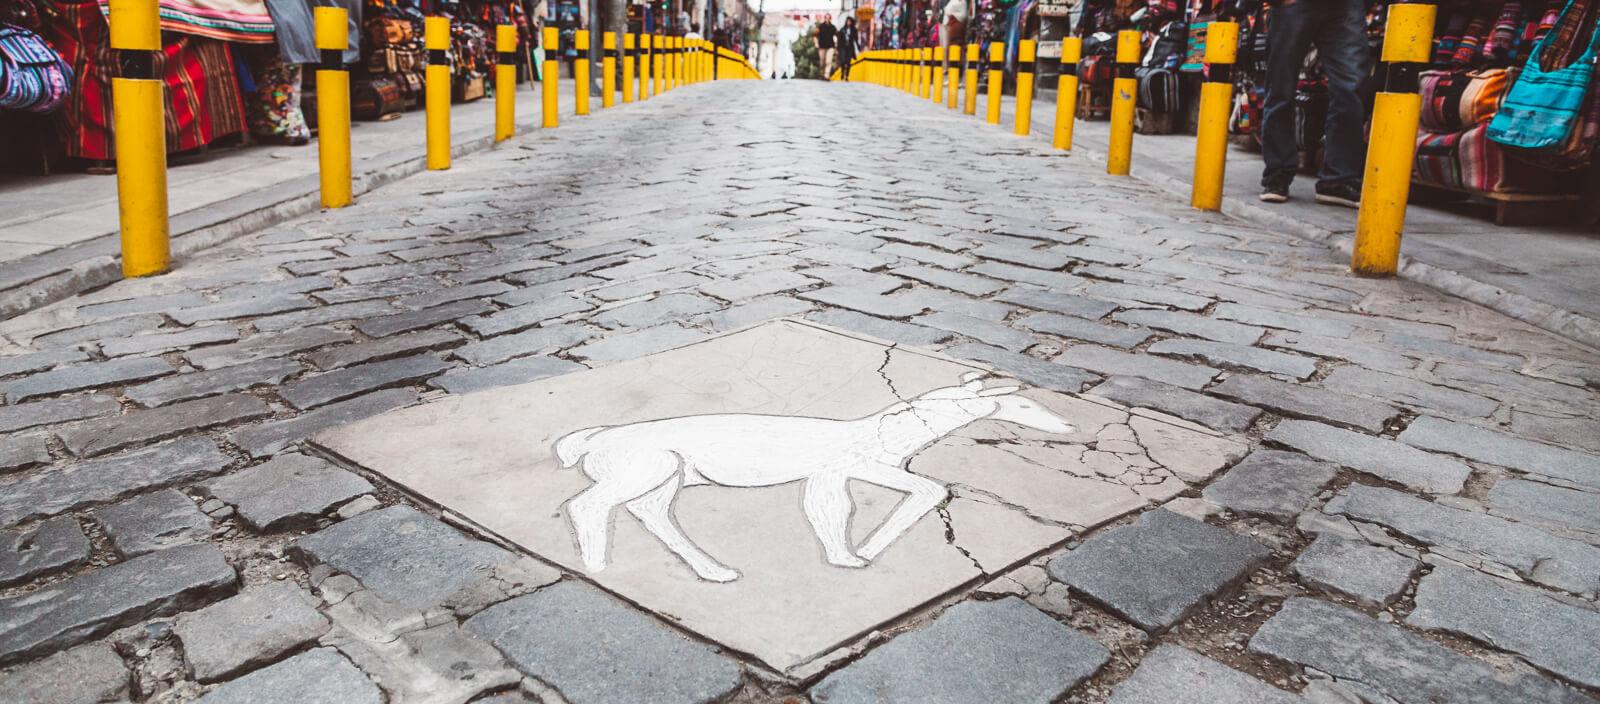 Bruxaria e feitiçaria: Conheça o Mercado das Bruxas de La Paz